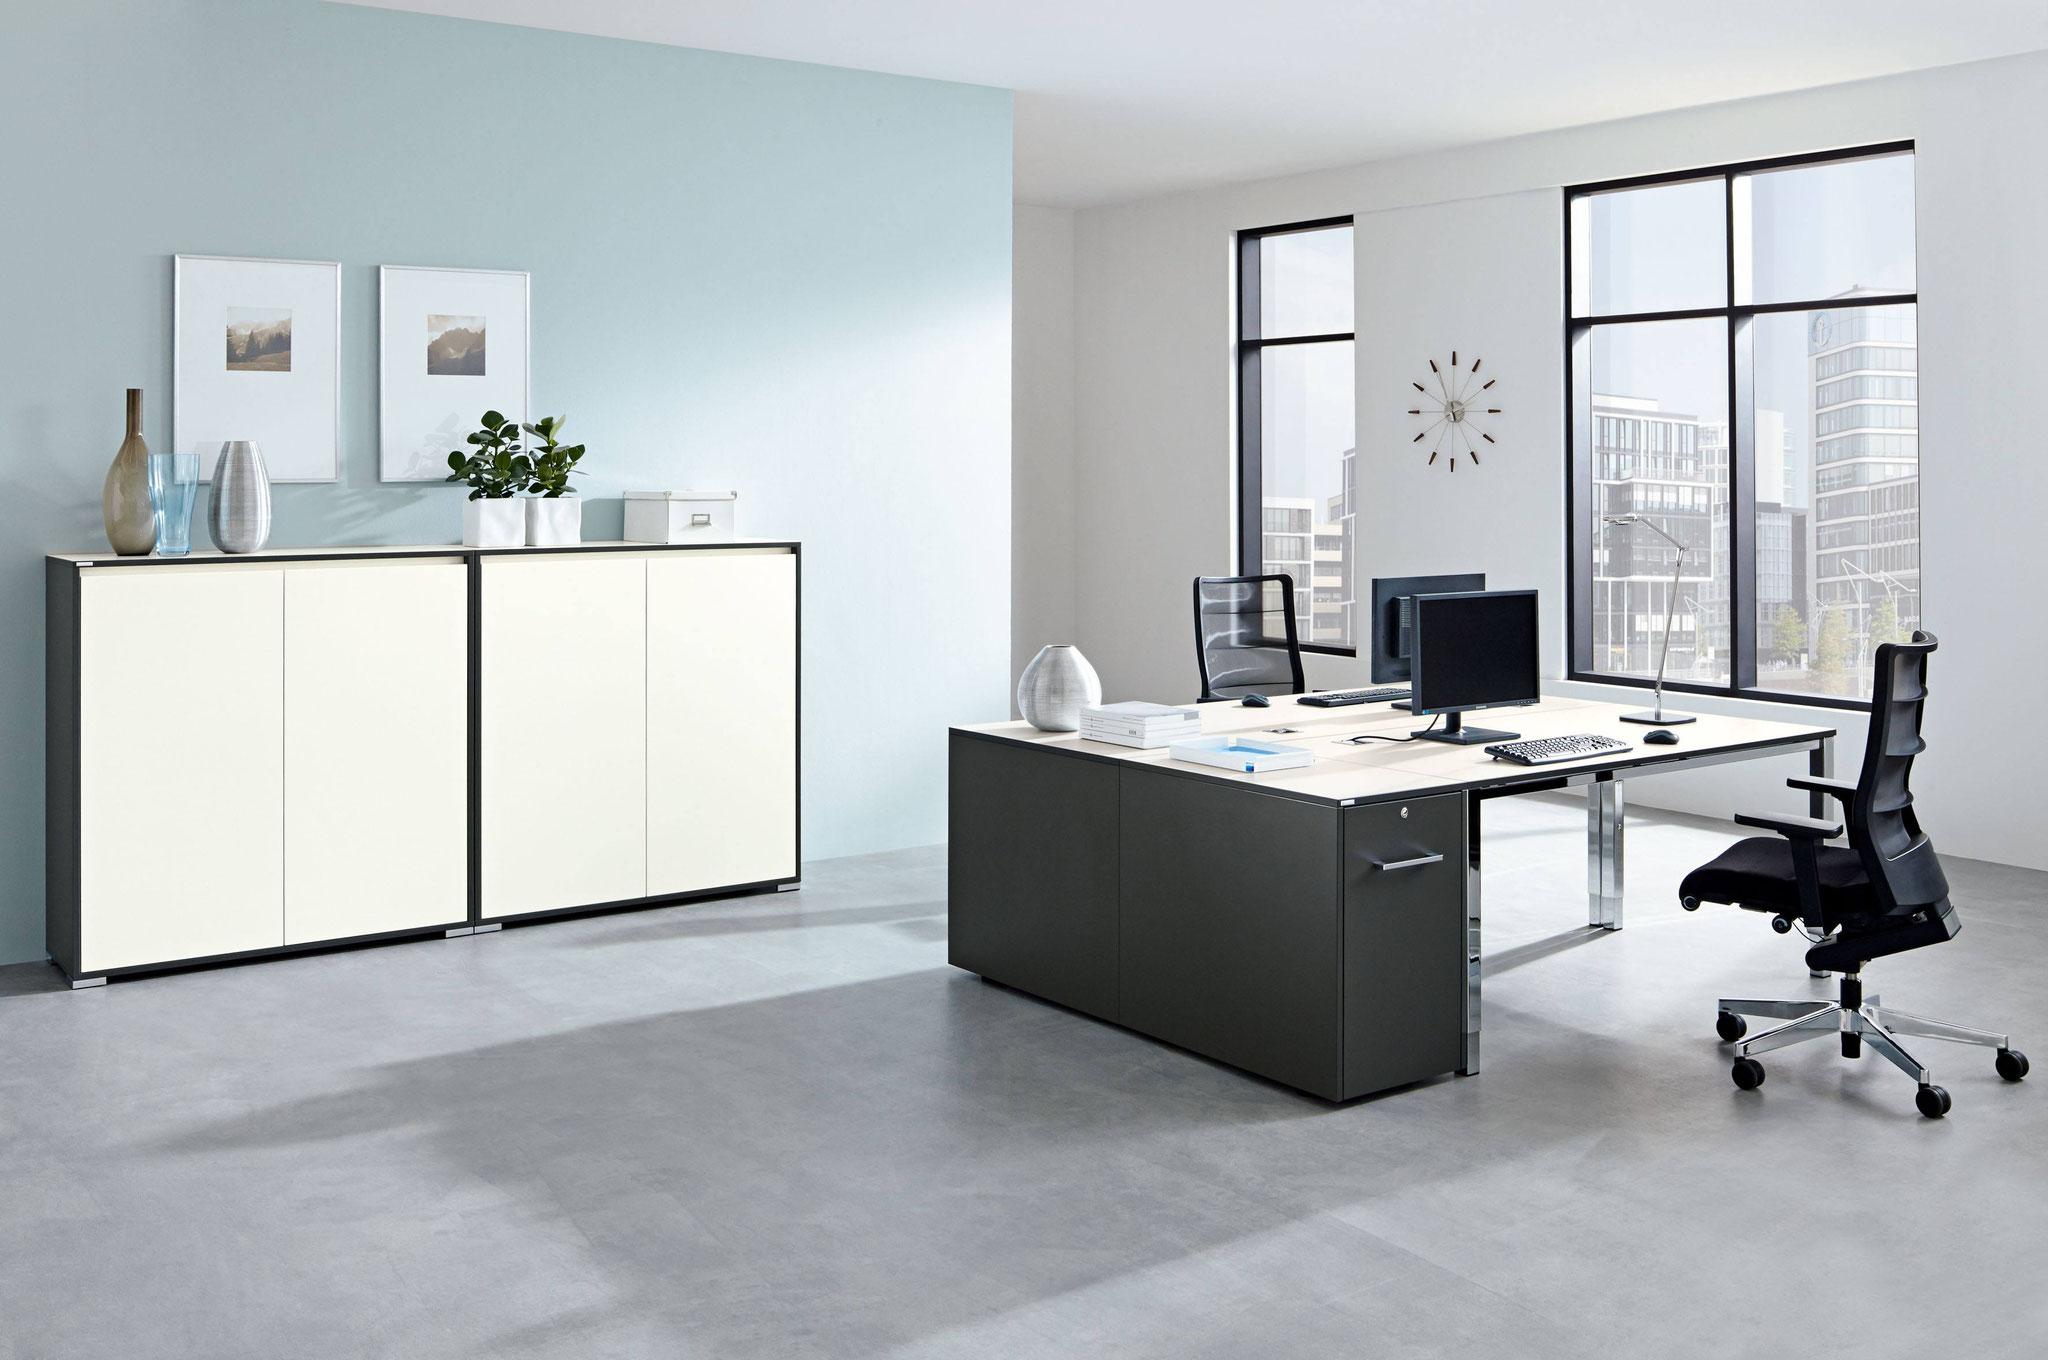 schranksysteme und aktenschrank b rom bel in th ringen hildebrandt office line. Black Bedroom Furniture Sets. Home Design Ideas